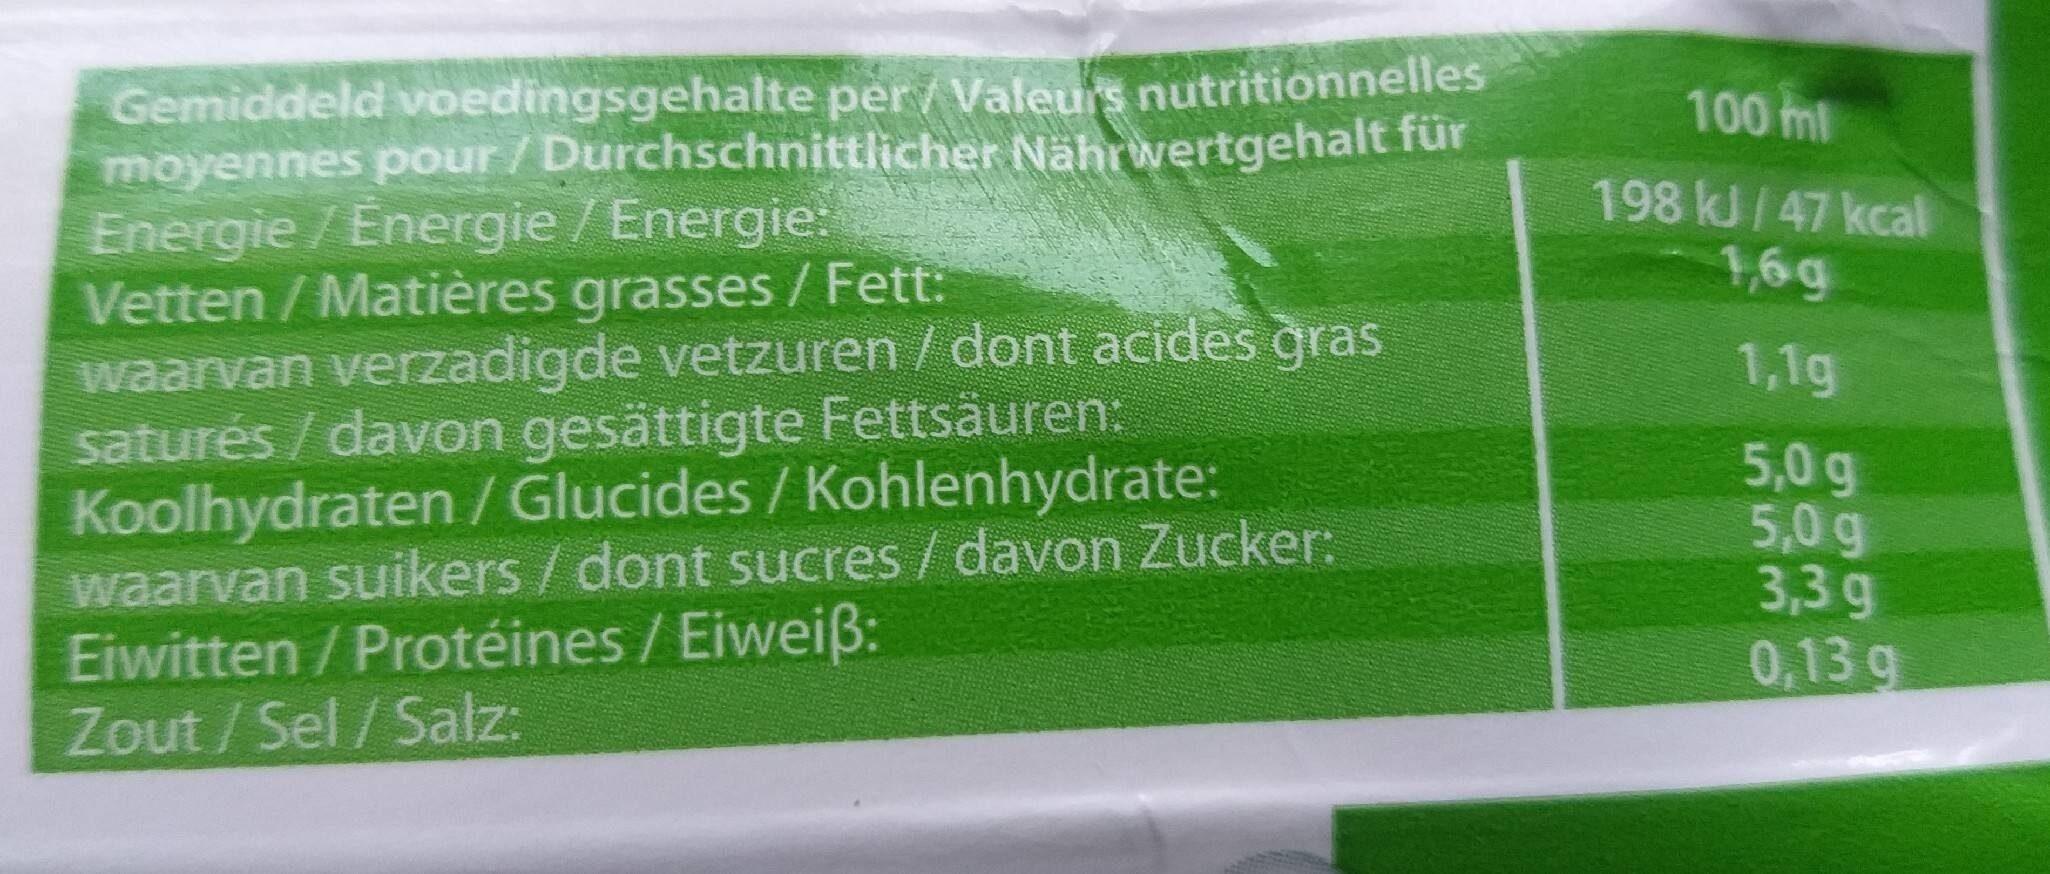 Lait demi- écrémé - Informations nutritionnelles - fr